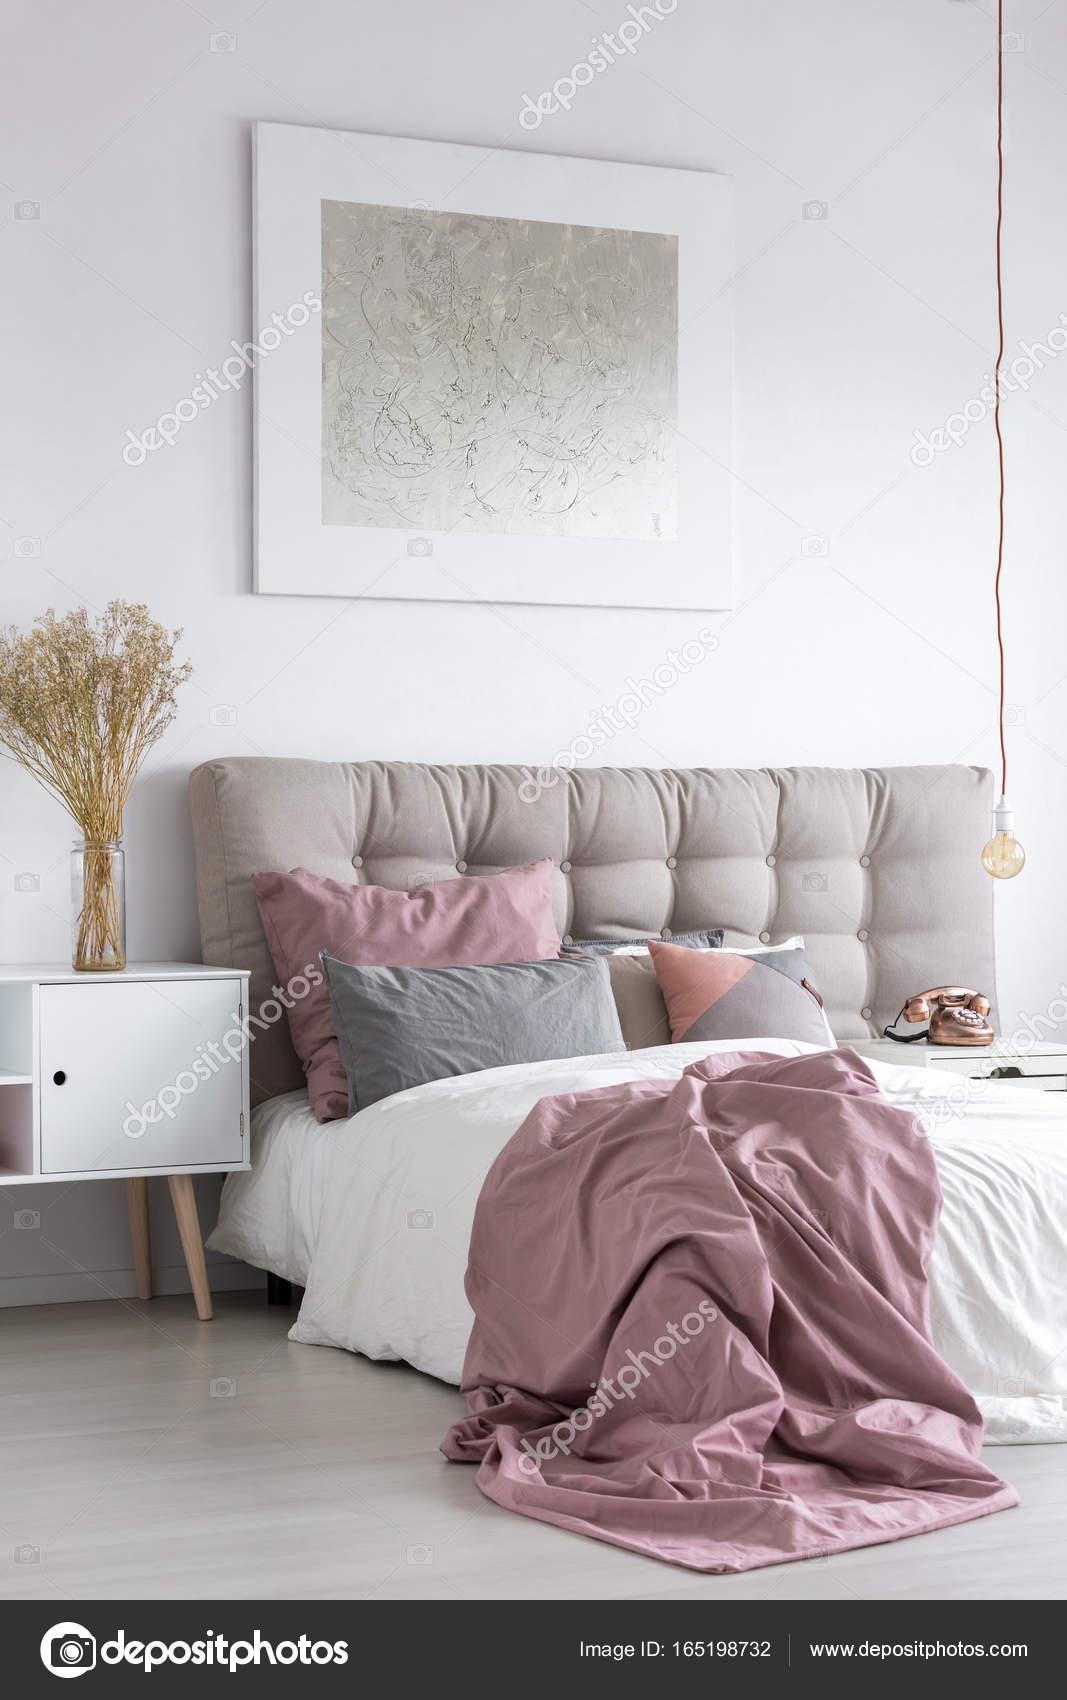 Pastell Schlafzimmer Mit Grauen Gemälde An Der Wand über Kingsize Bett Mit  Rosa Overlay U2014 Foto Von Photographee.eu. Ähnliche Bilder Suchen